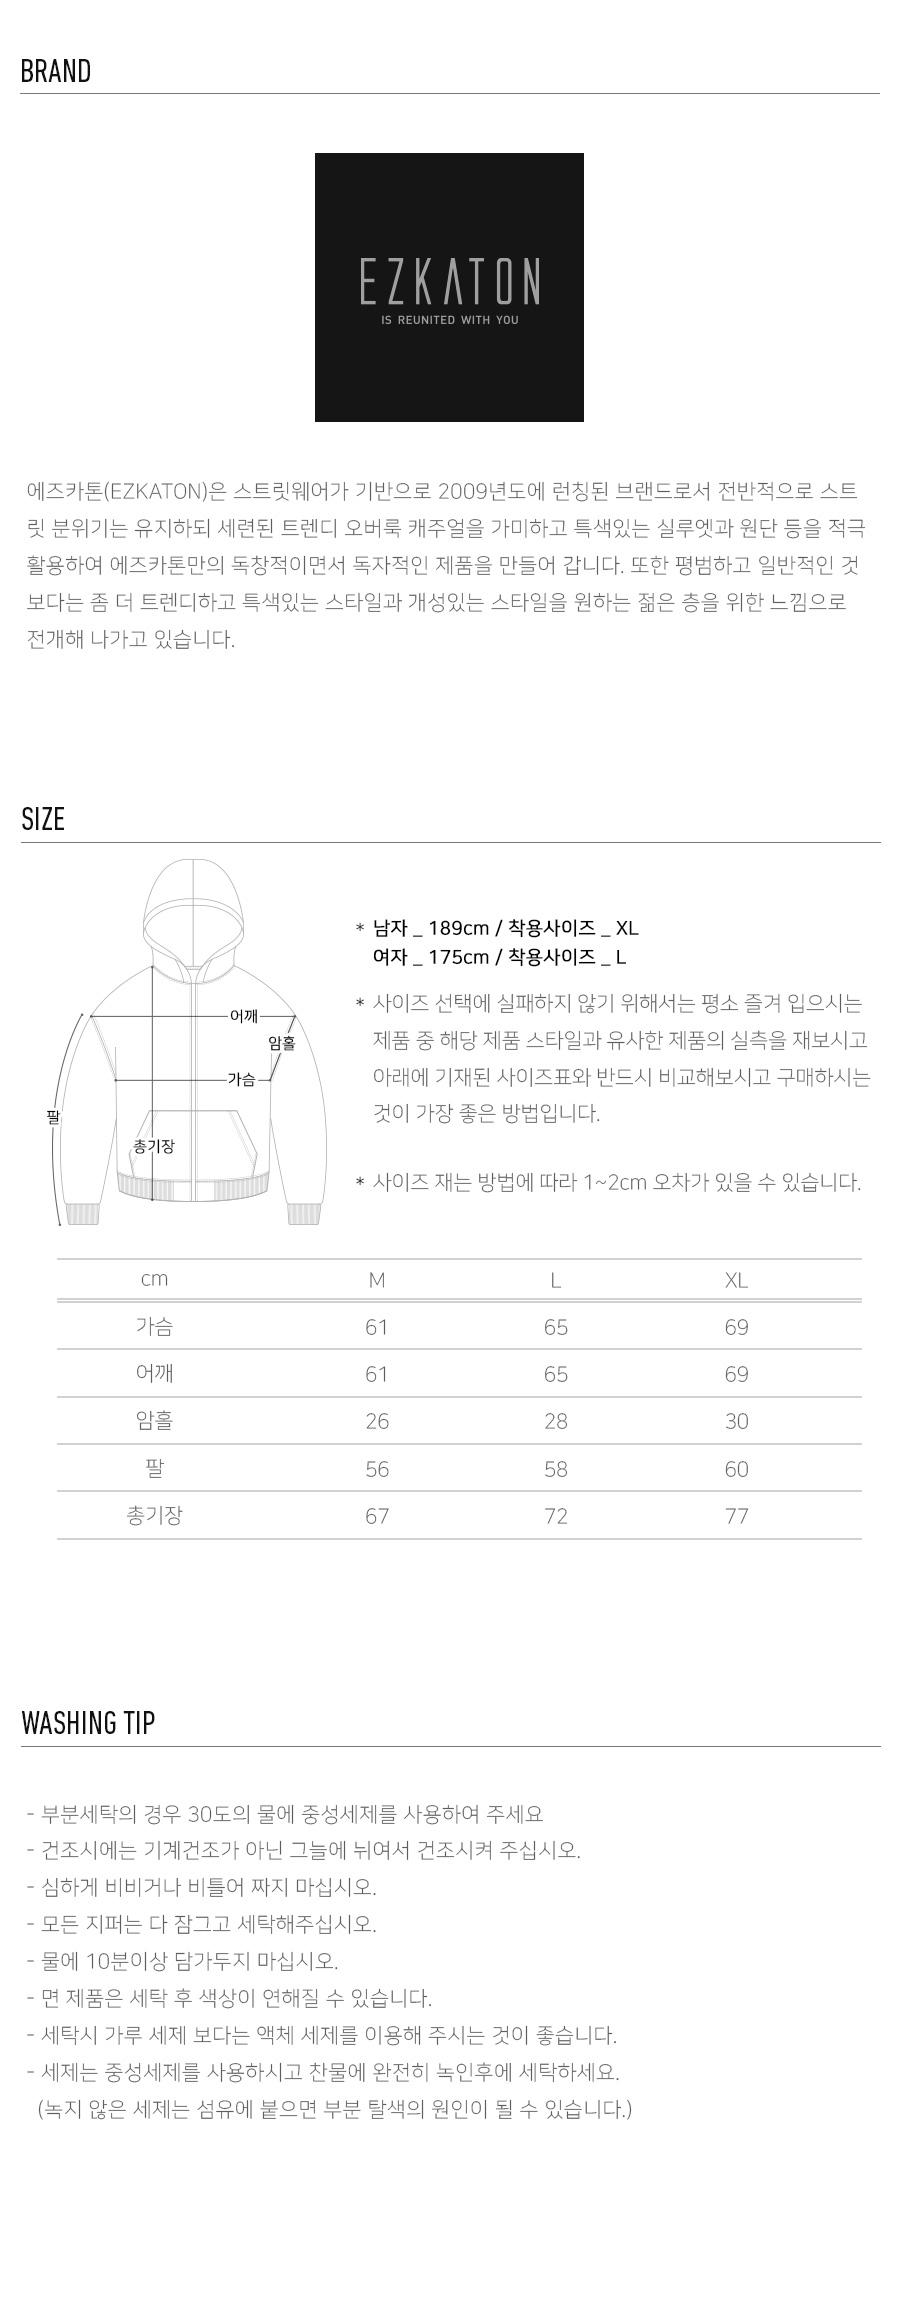 [에즈카톤] 헤비웨이트 오버핏 후드집업 5종 KHHD6572